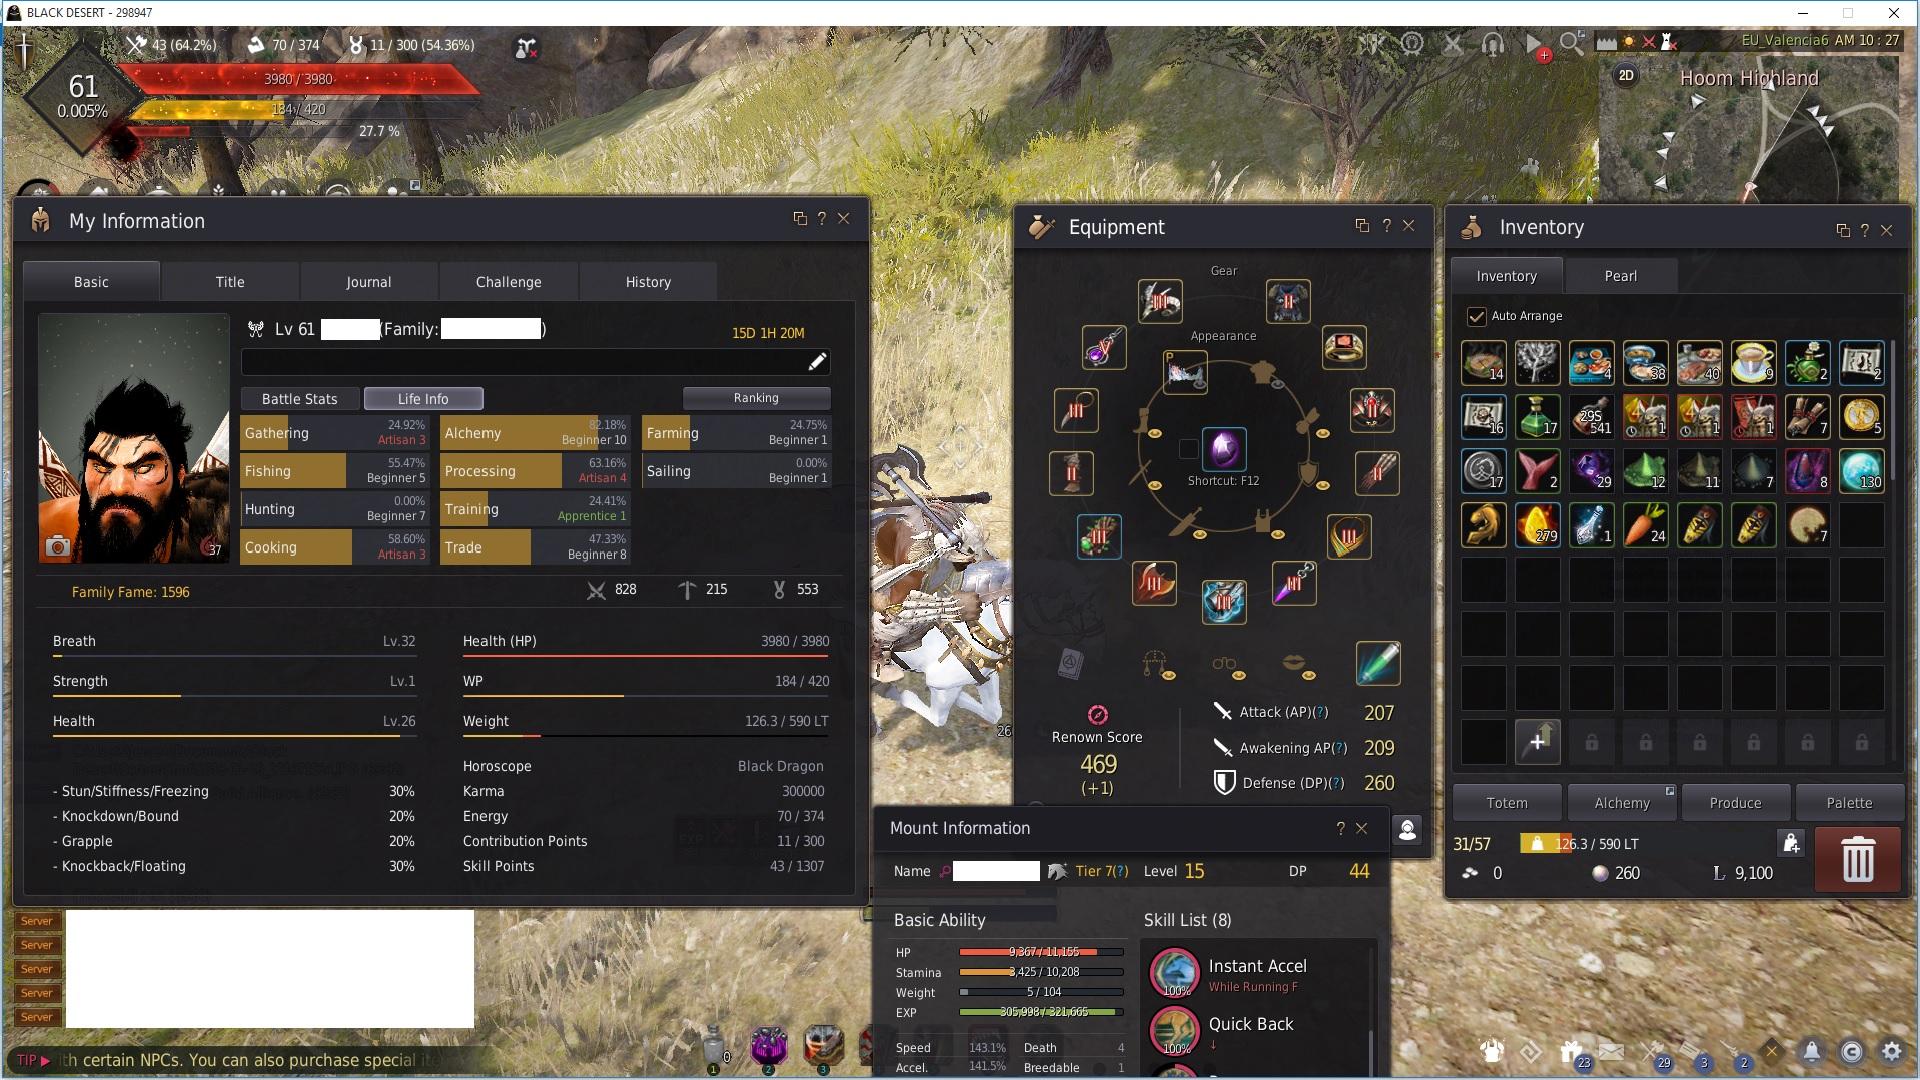 Selling] 61 berserker 478 gs - full boss, tri kz/d/ku, 61 ninja kz/d